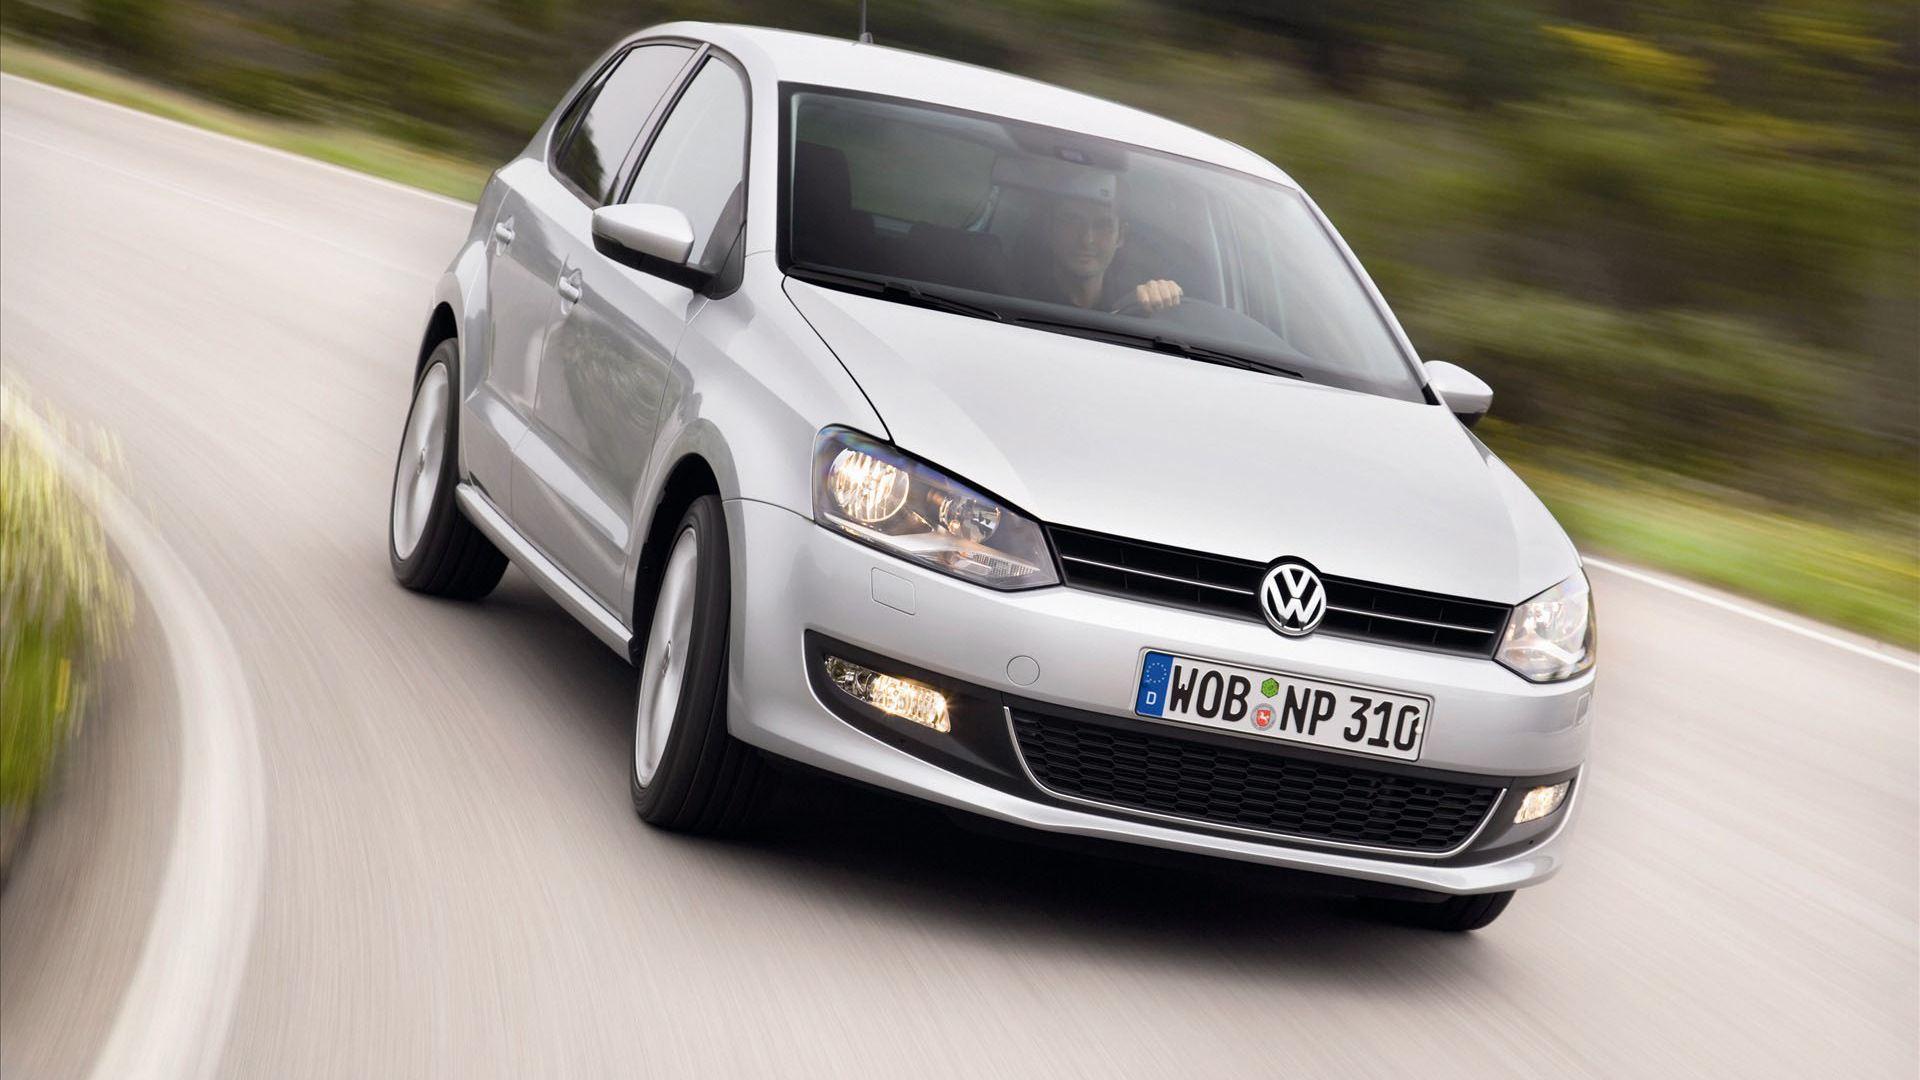 Рекордный объем продаж автомобильным концерном Volkswagen состоялся в прошедшем году